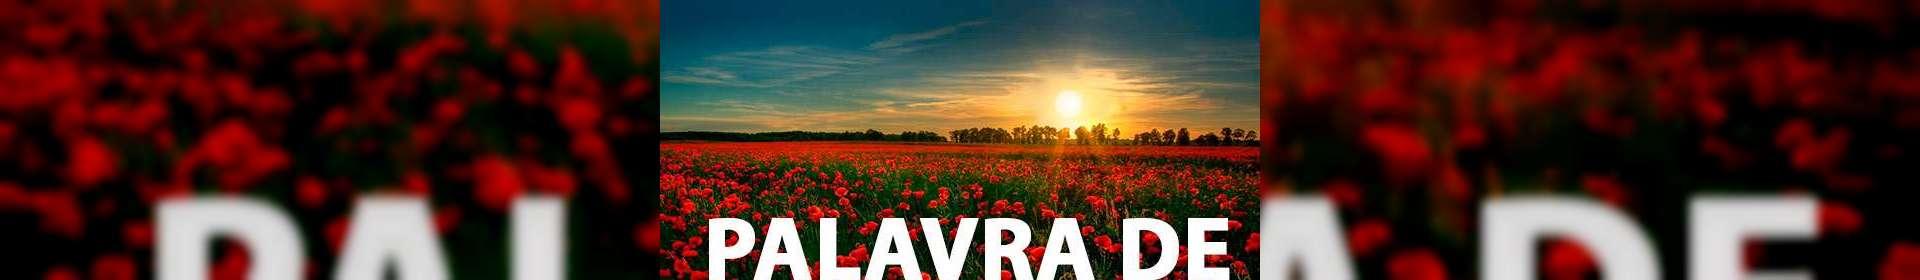 Isaías 41:13 - Uma Palavra de Esperança para sua vida